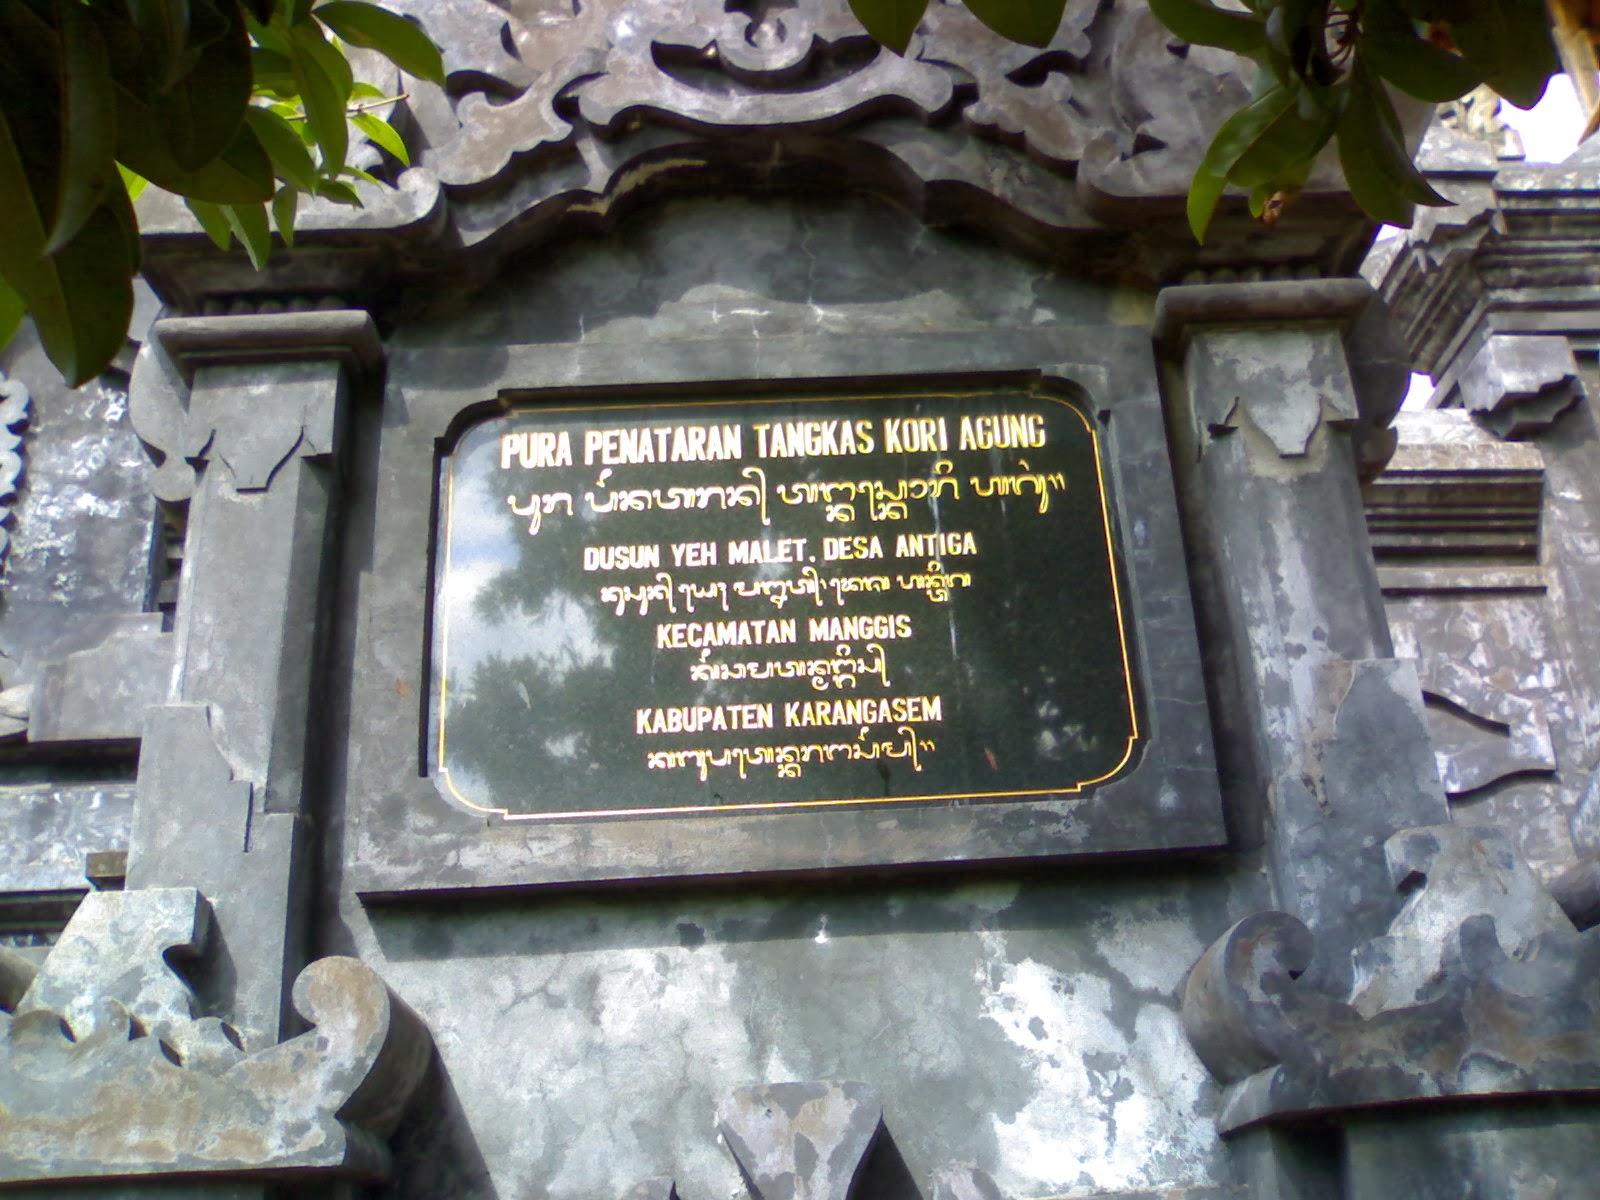 Gambar Lisan/Papan Pengenal Pura PenataranPangeran Tangkas Kori Agung